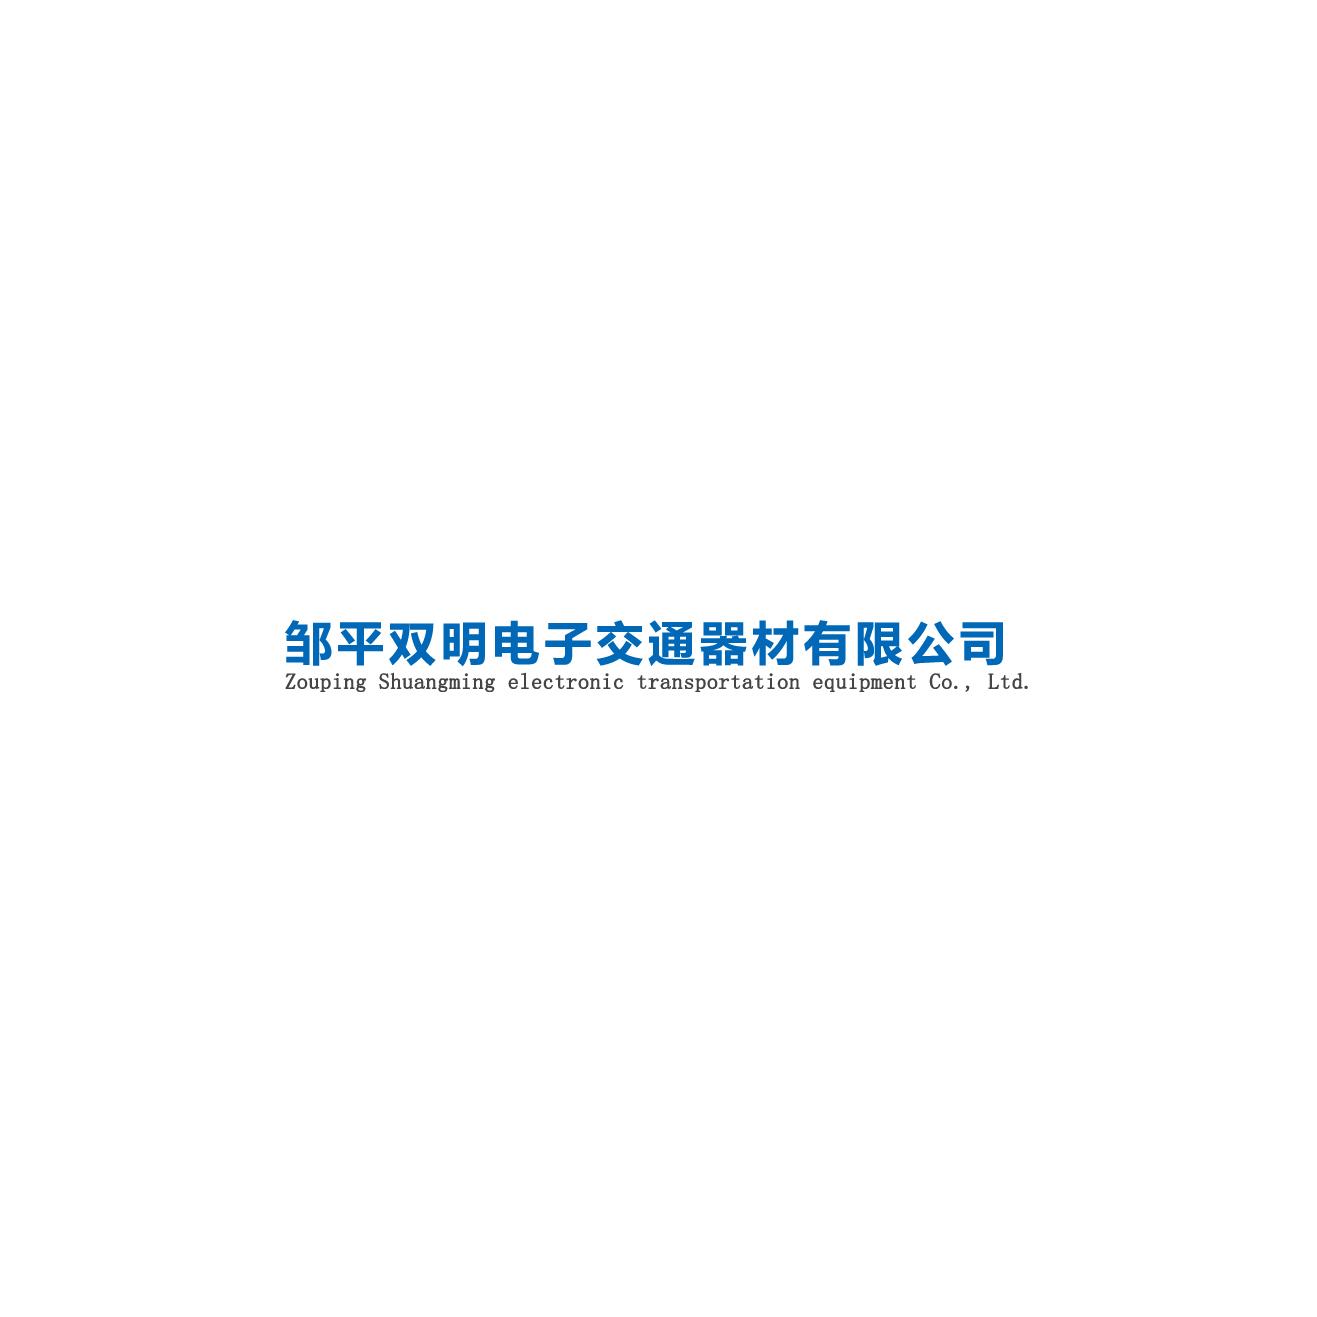 邹平双明电子交通器材有限公司